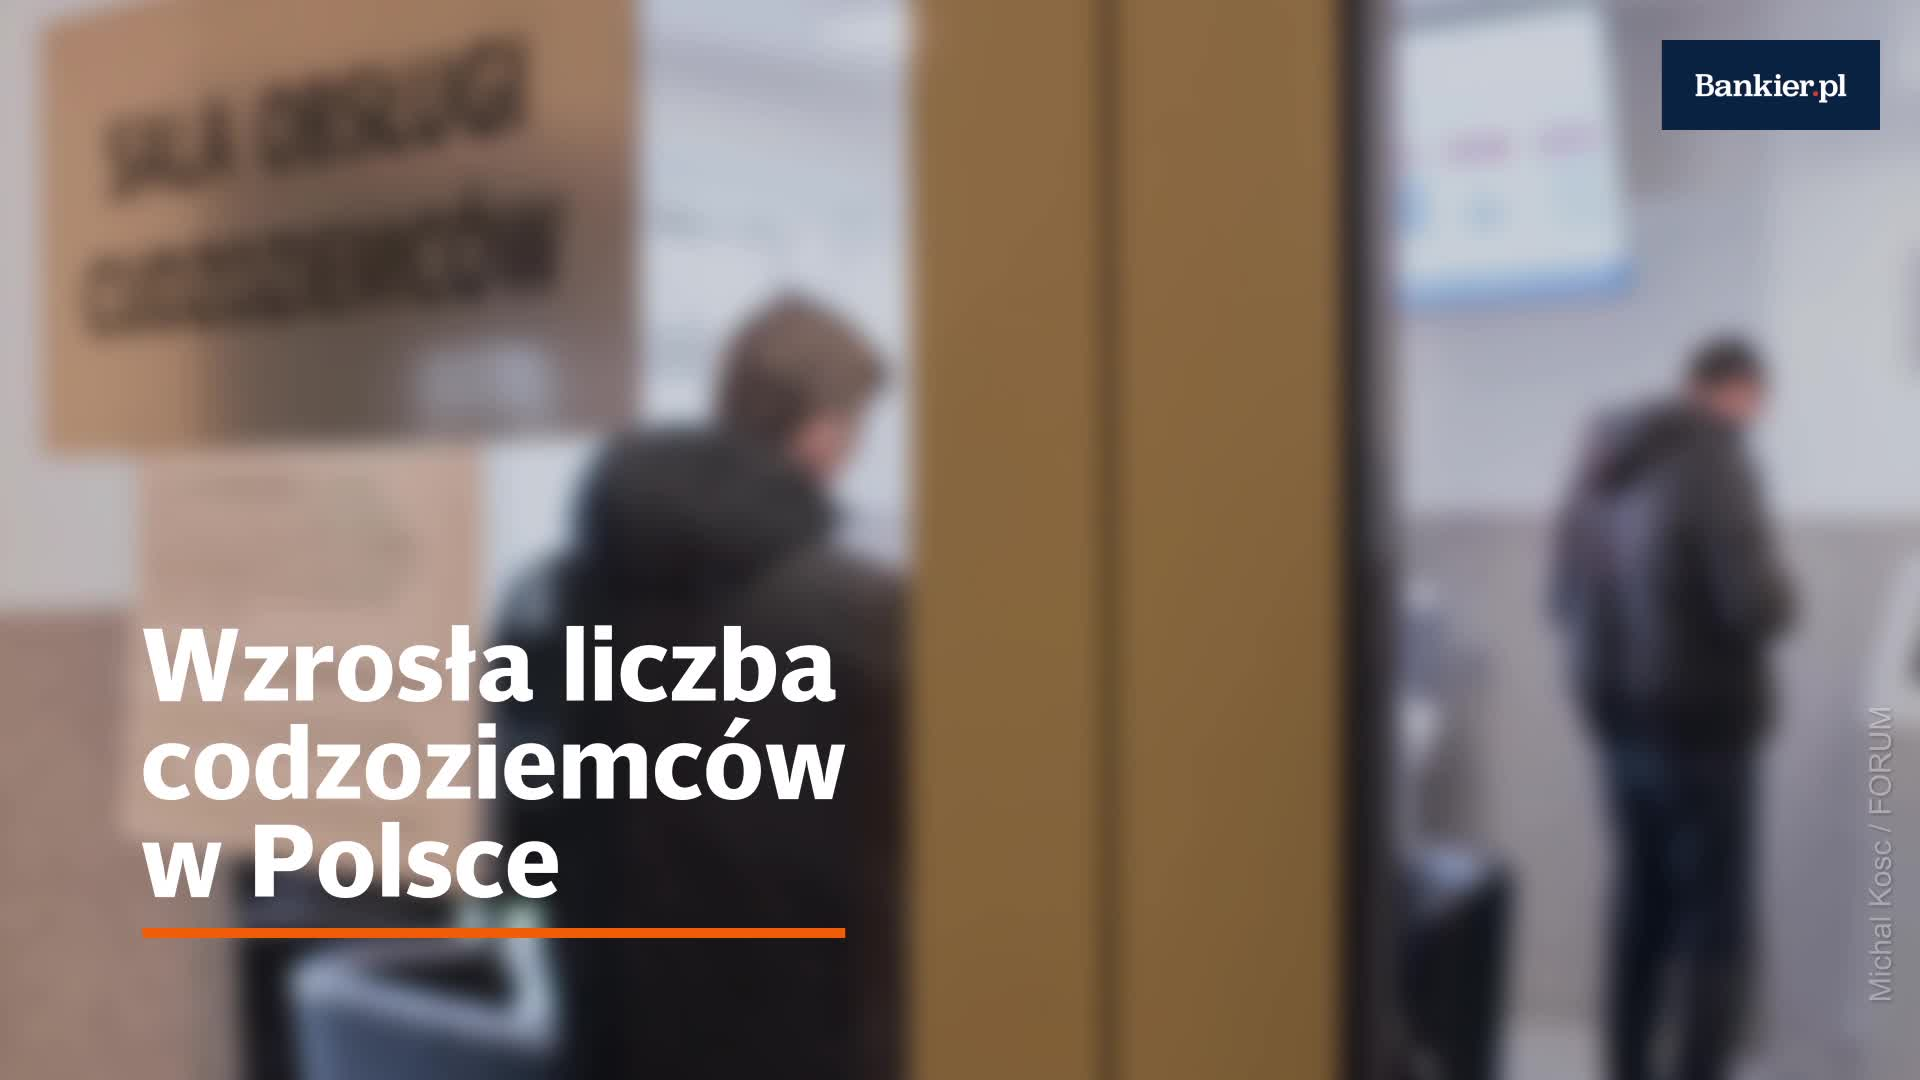 Wzrosła liczba codzoziemców w Polsce